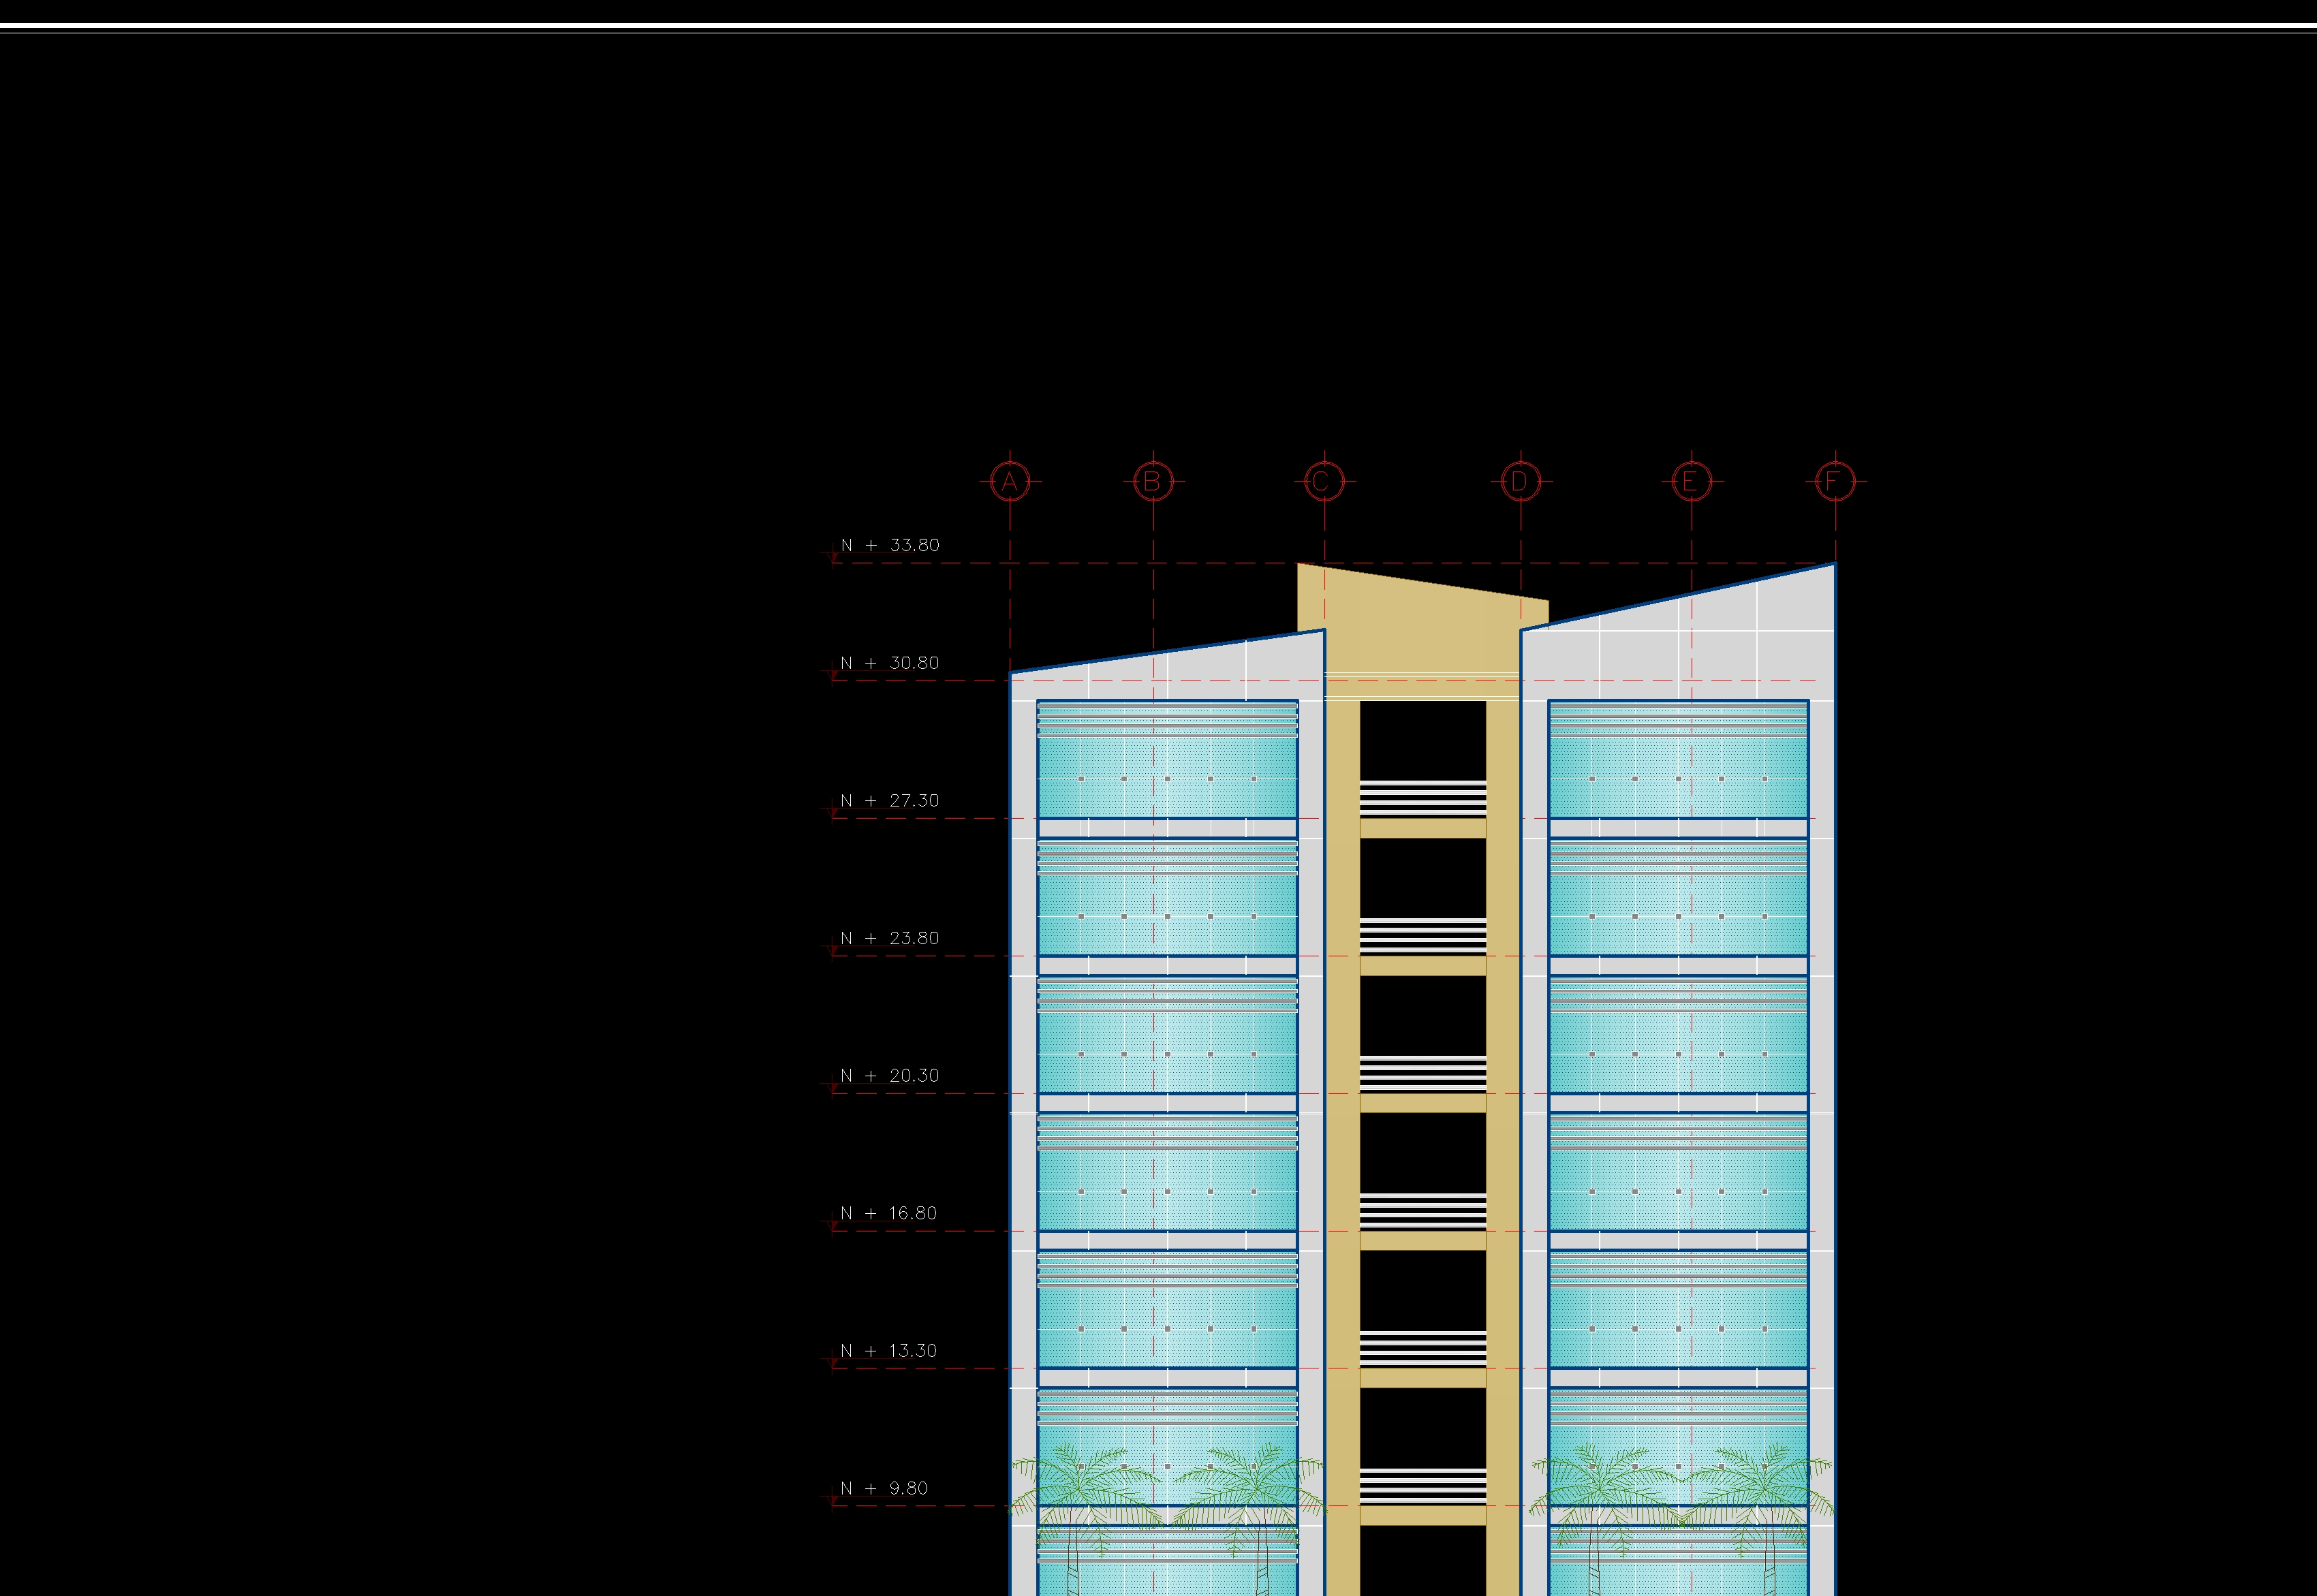 plantas de edificio de departamentos multifamiliares